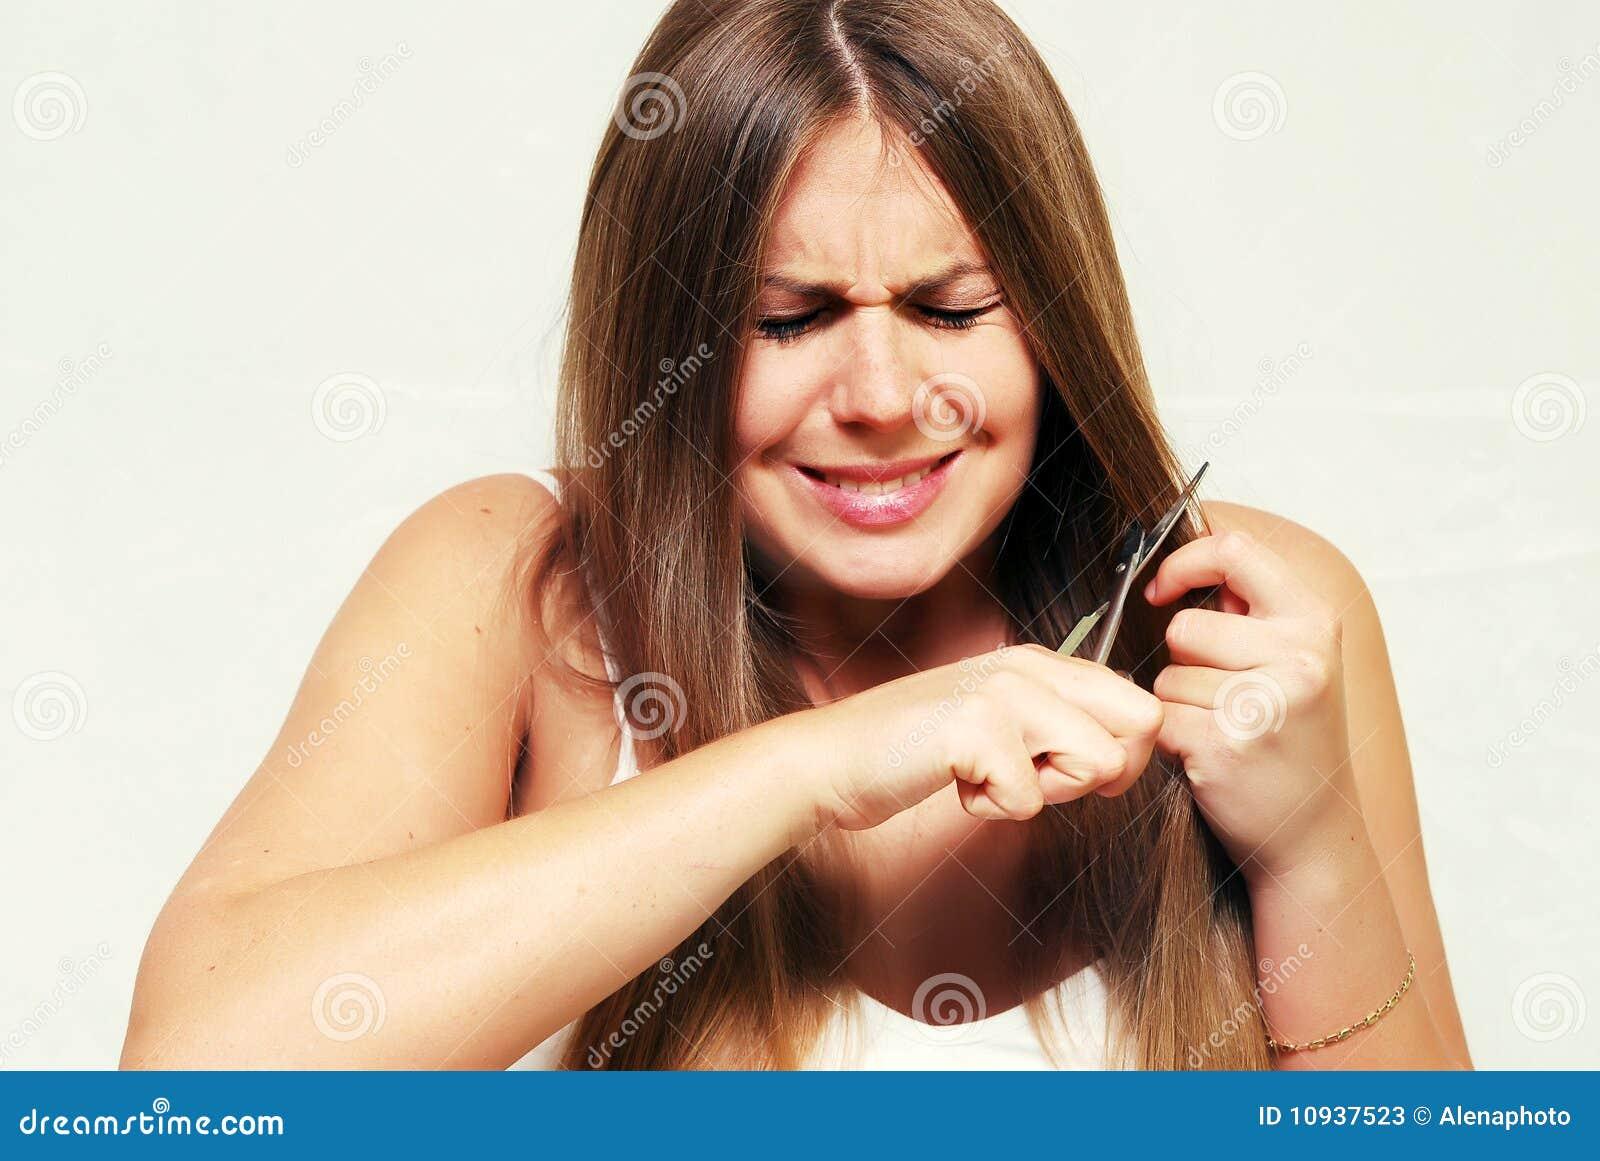 волосы вырезывания